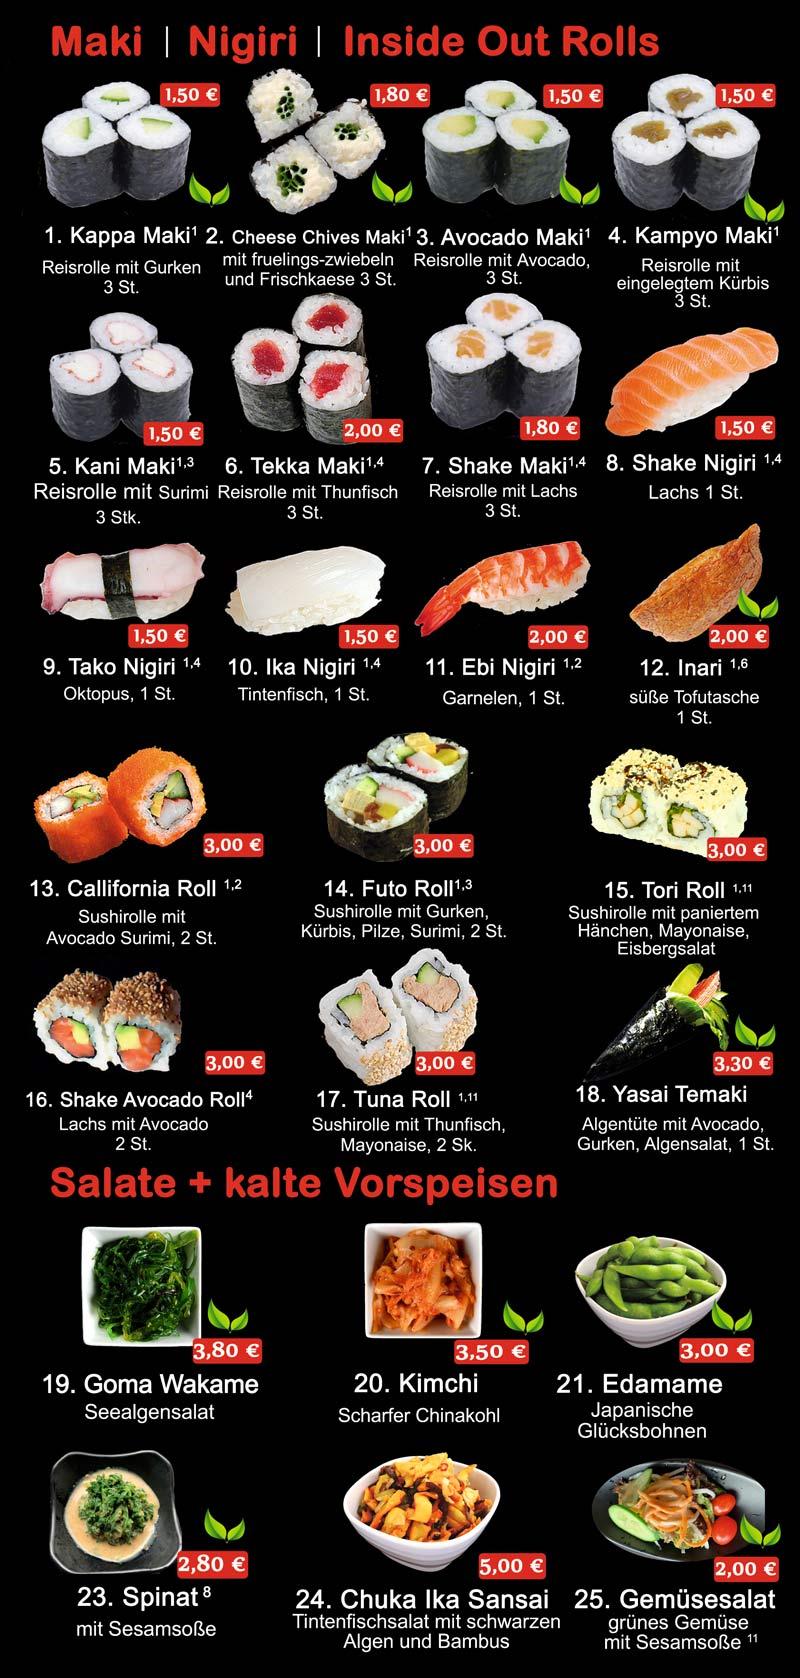 Speisekarte - Ichi Asia Restaurant